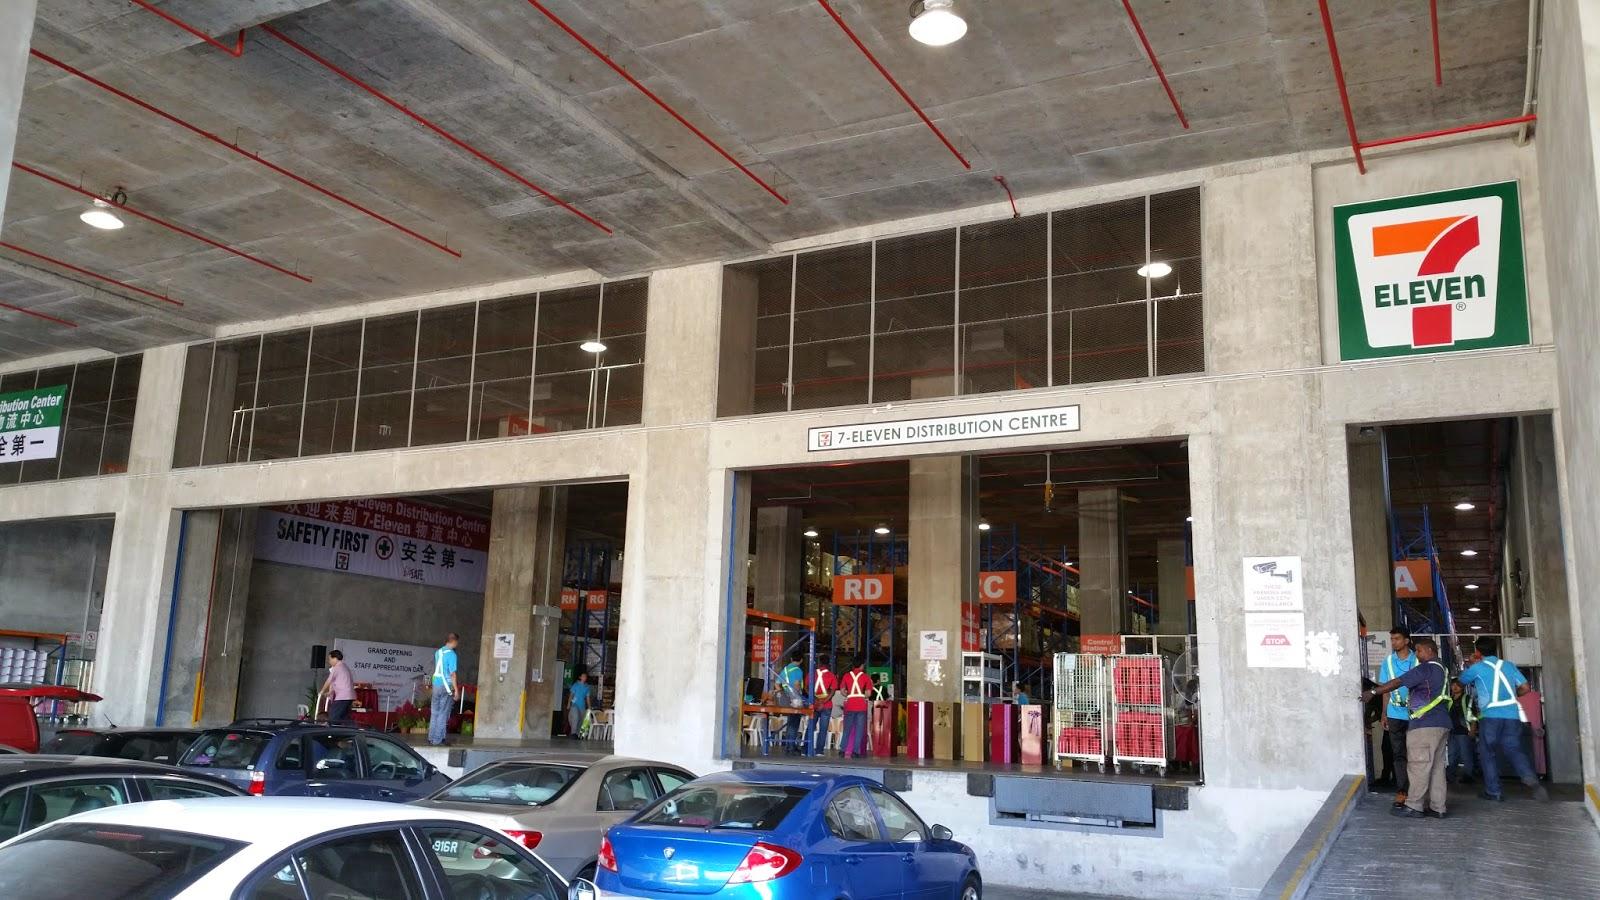 7 Eleven Distribution Centre Grand